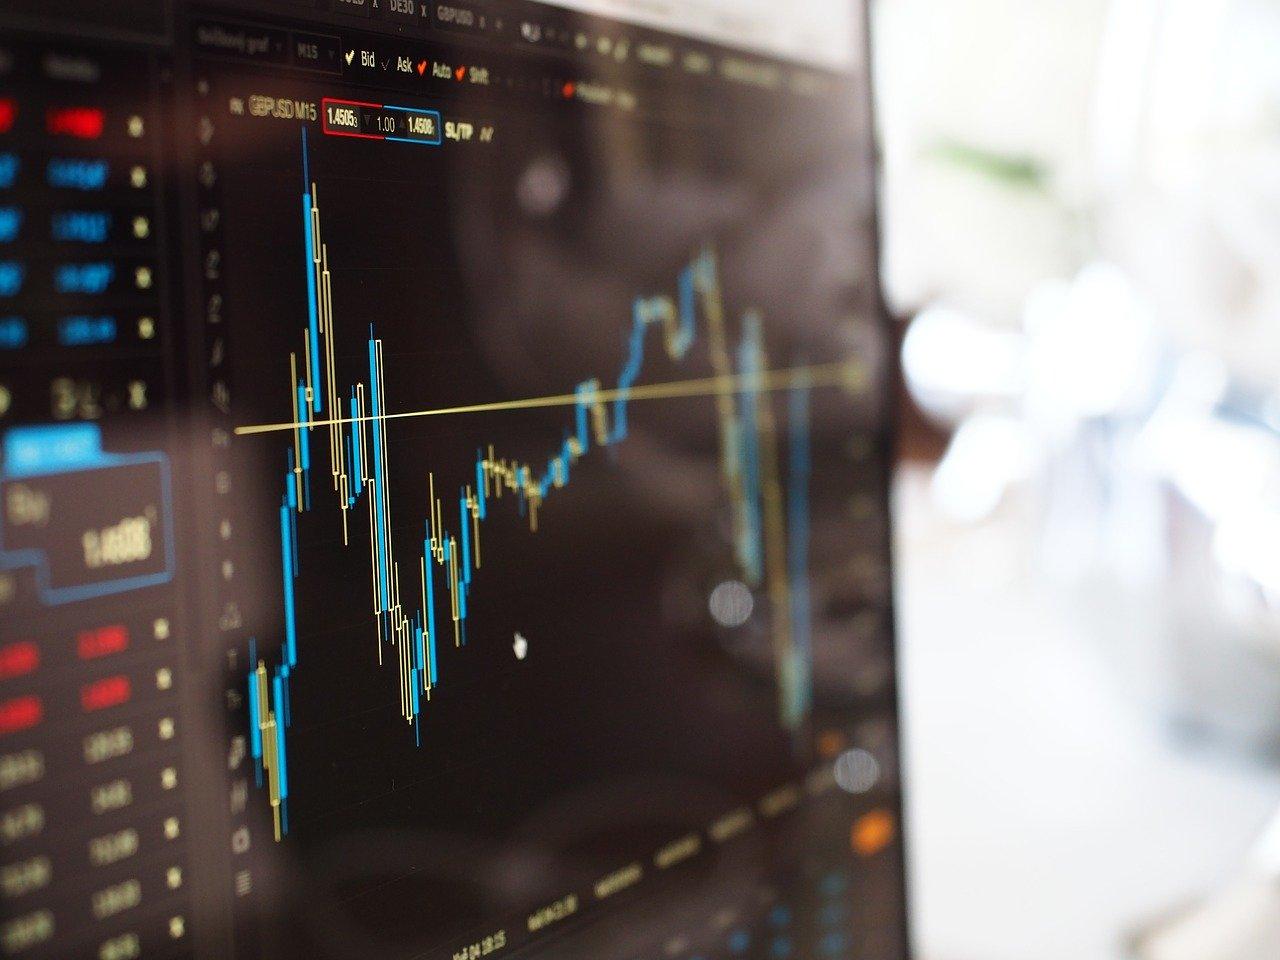 recuperacion-economica-podria-darse-hasta-2023-bbva-research